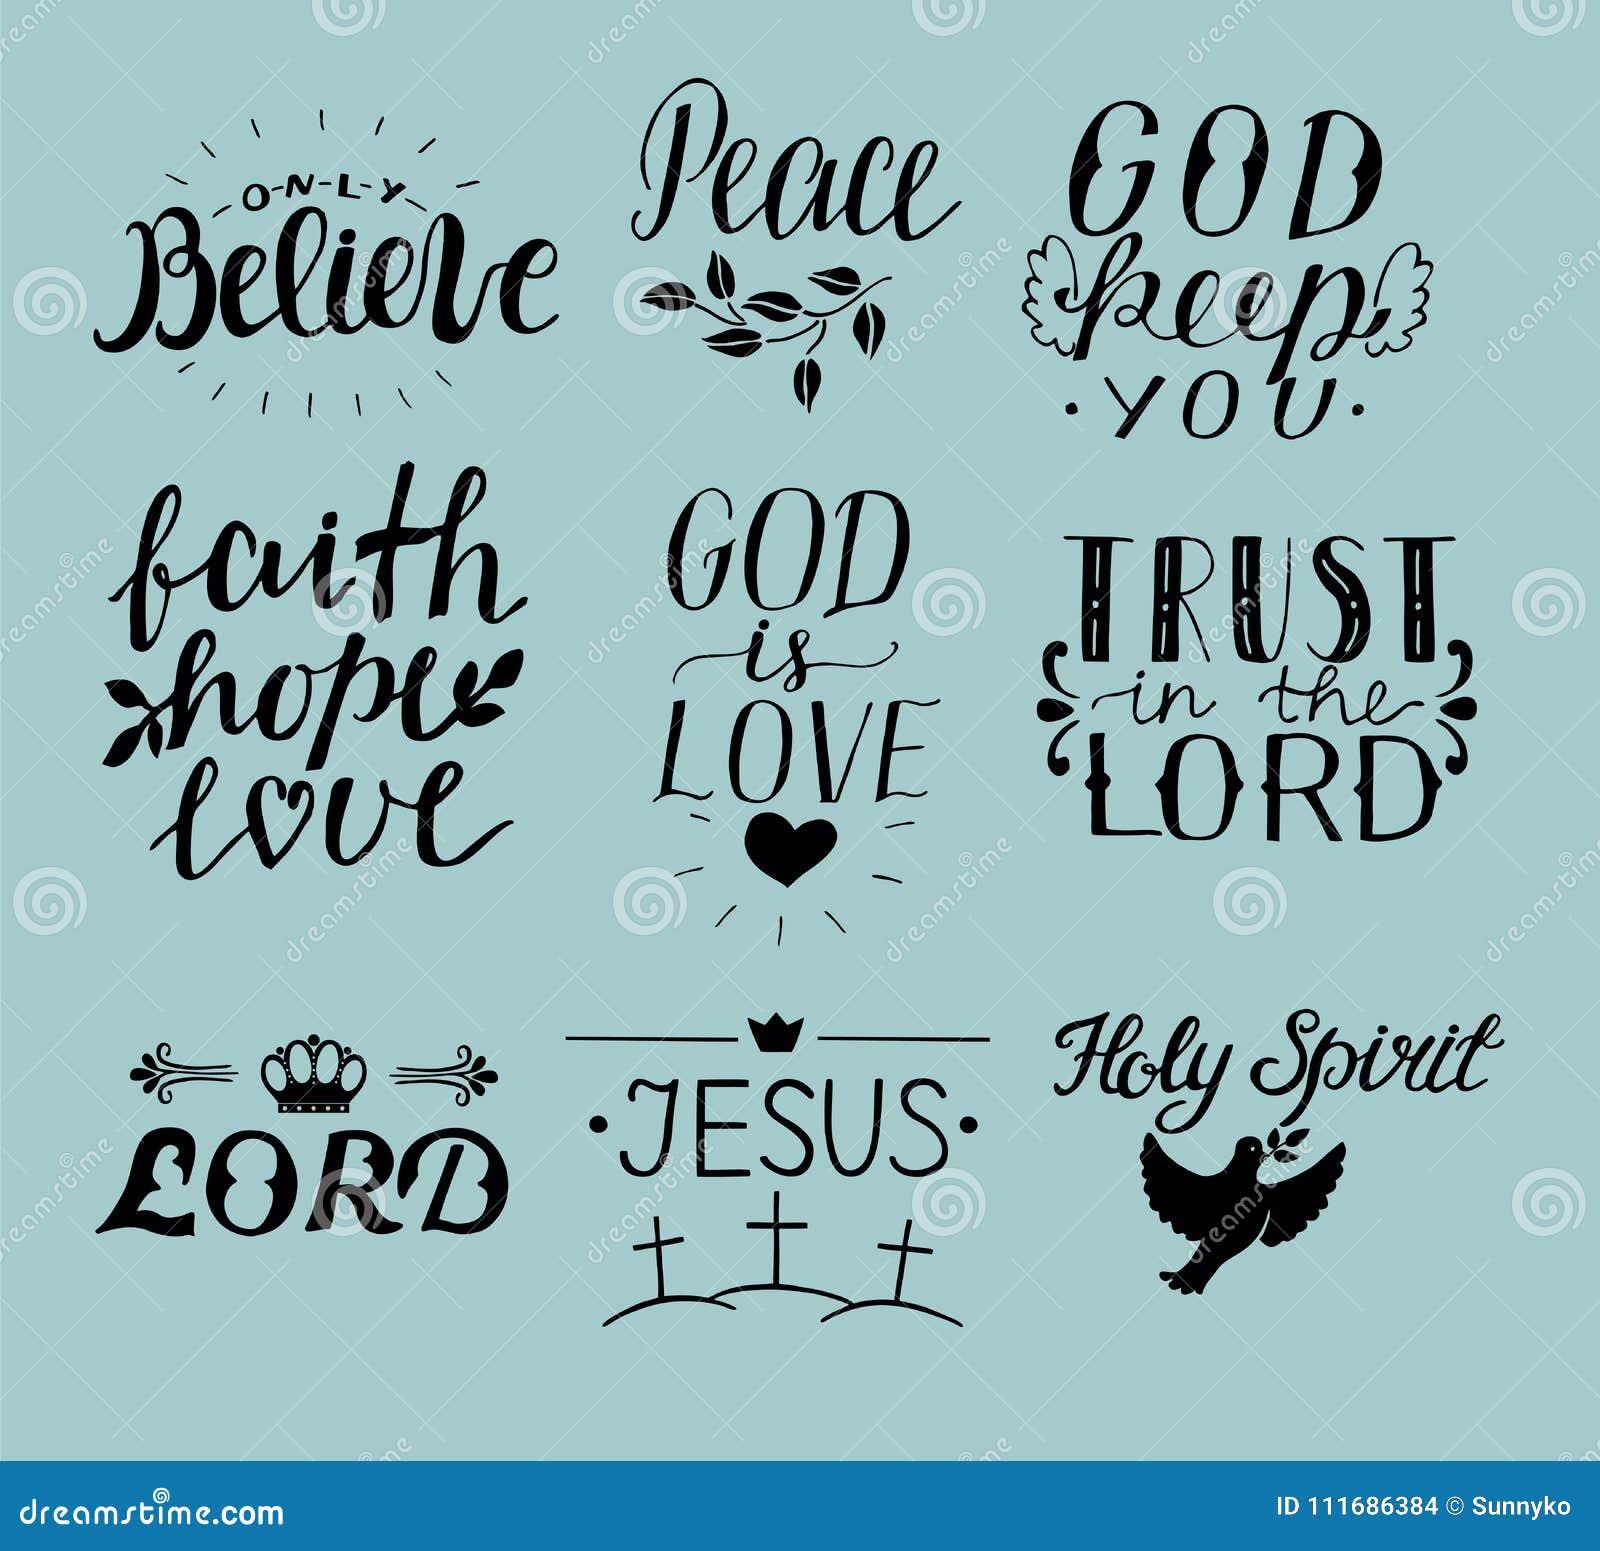 Σύνολο χεριού 9 που γράφει τα χριστιανικά αποσπάσματα Ιησούς ιερό πνεύμα Εμπιστευθείτε το Λόρδο ειρήνη Μόνο θεωρήστε πίστη ελπίδα